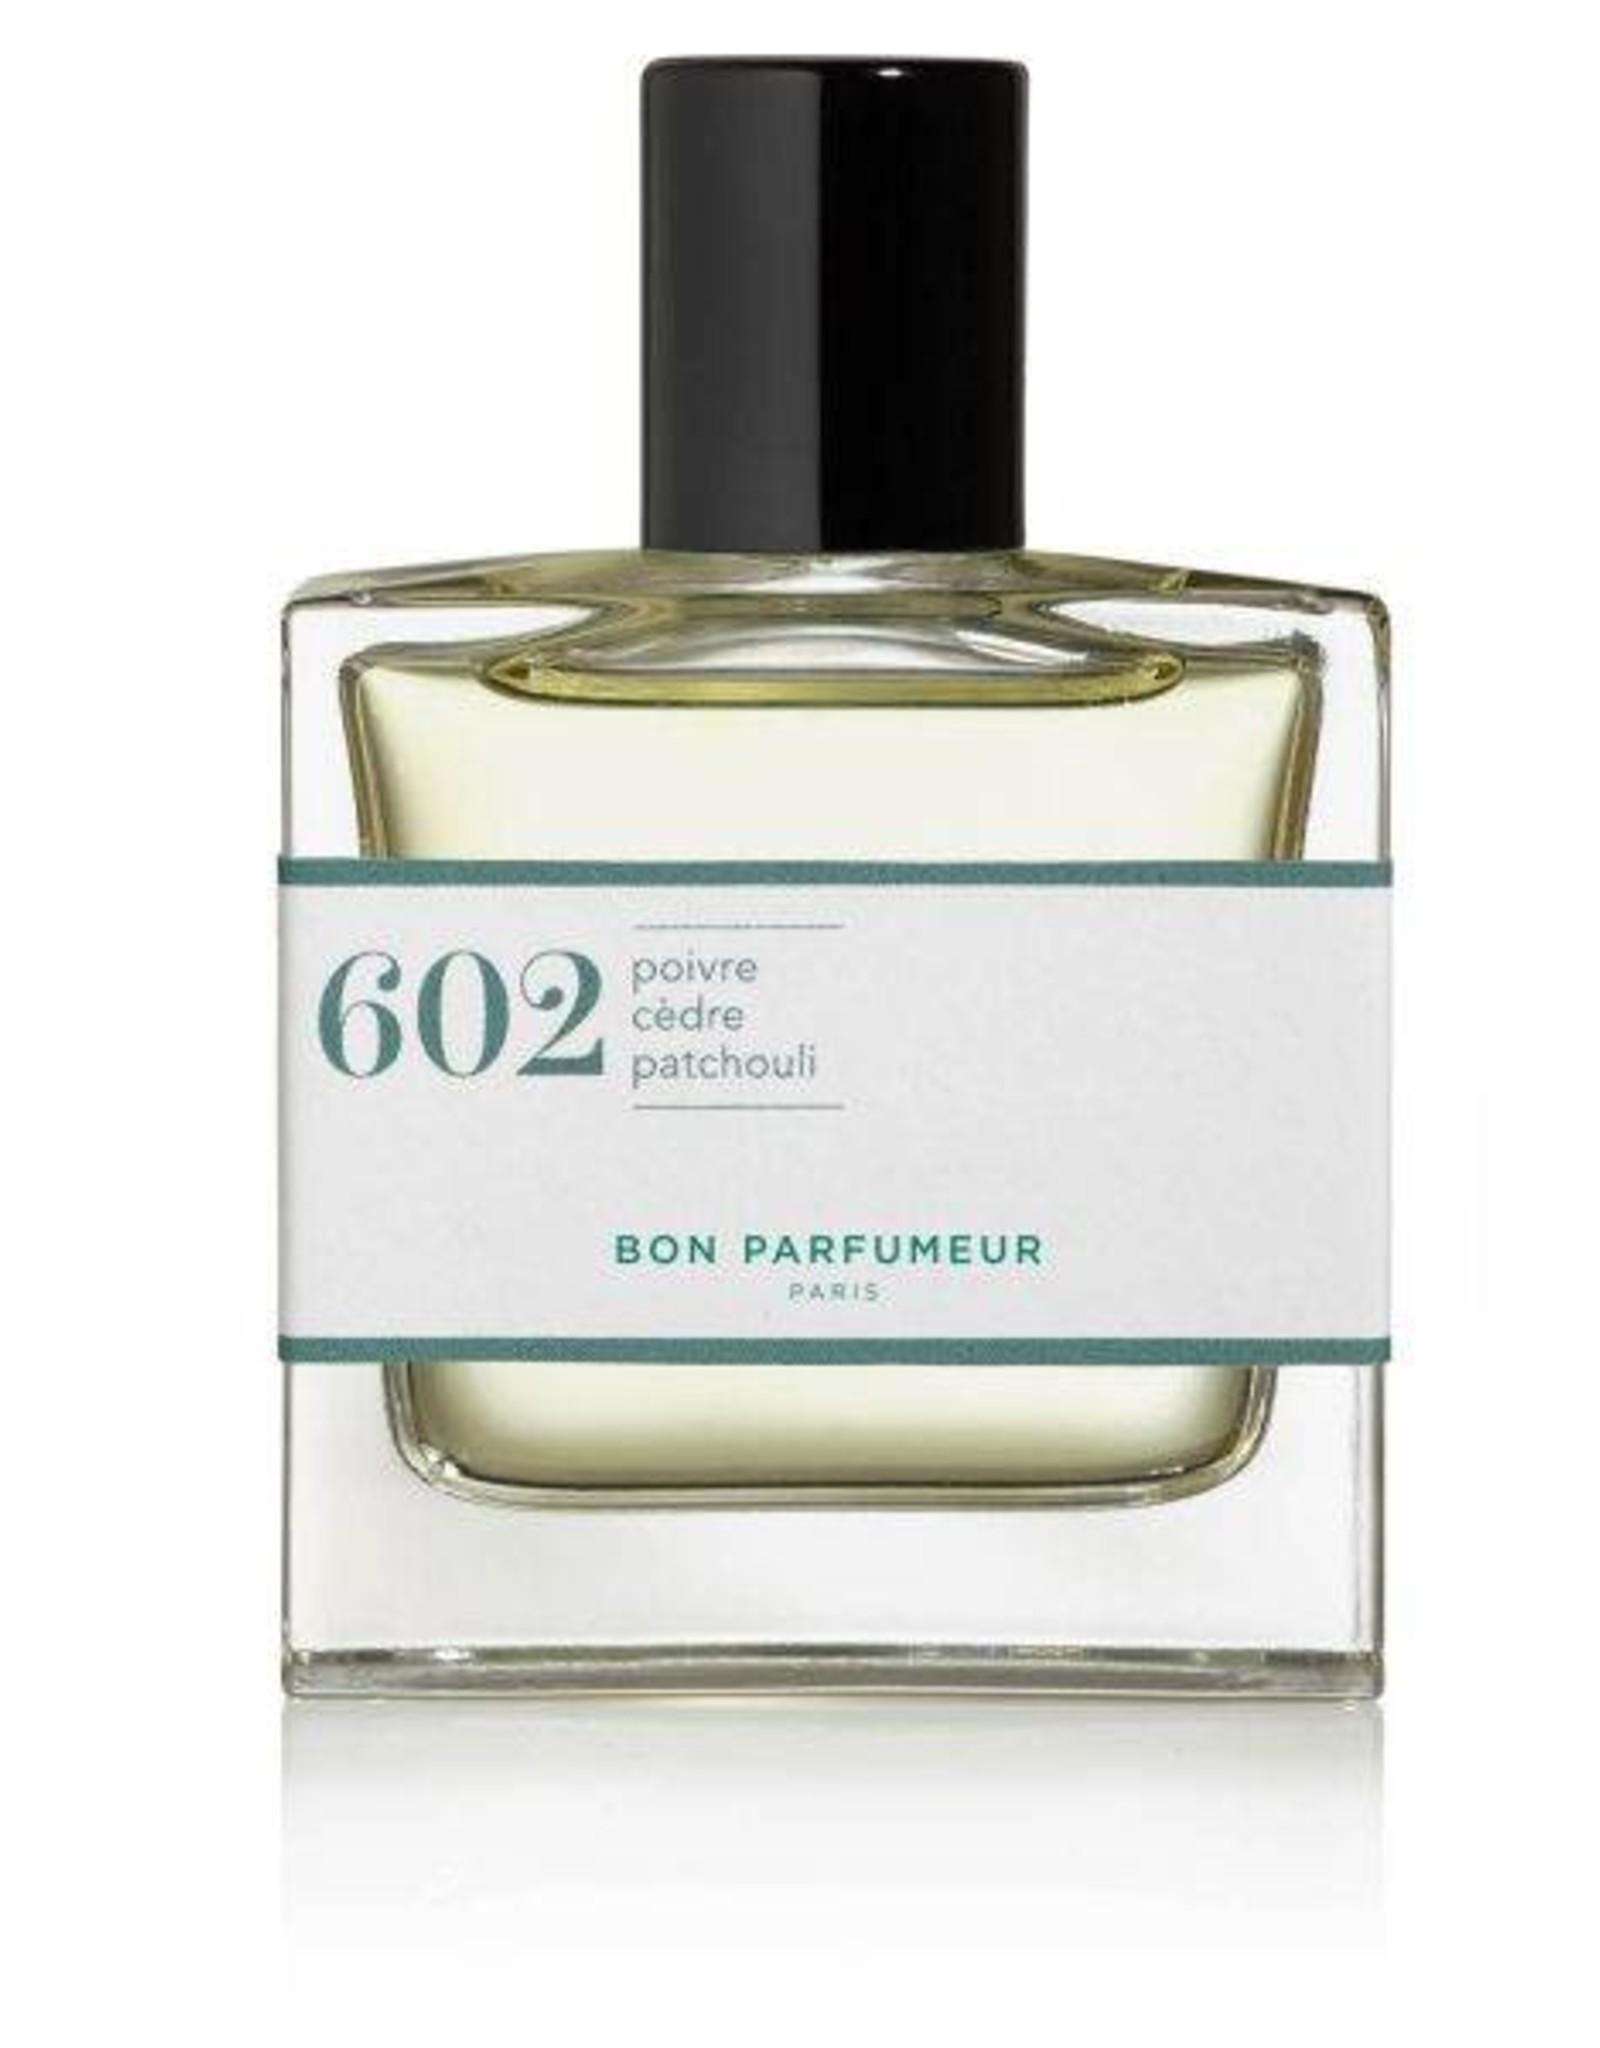 Bon Parfumeur Bon Parfumeur 602 pepper, cedar, patchouli